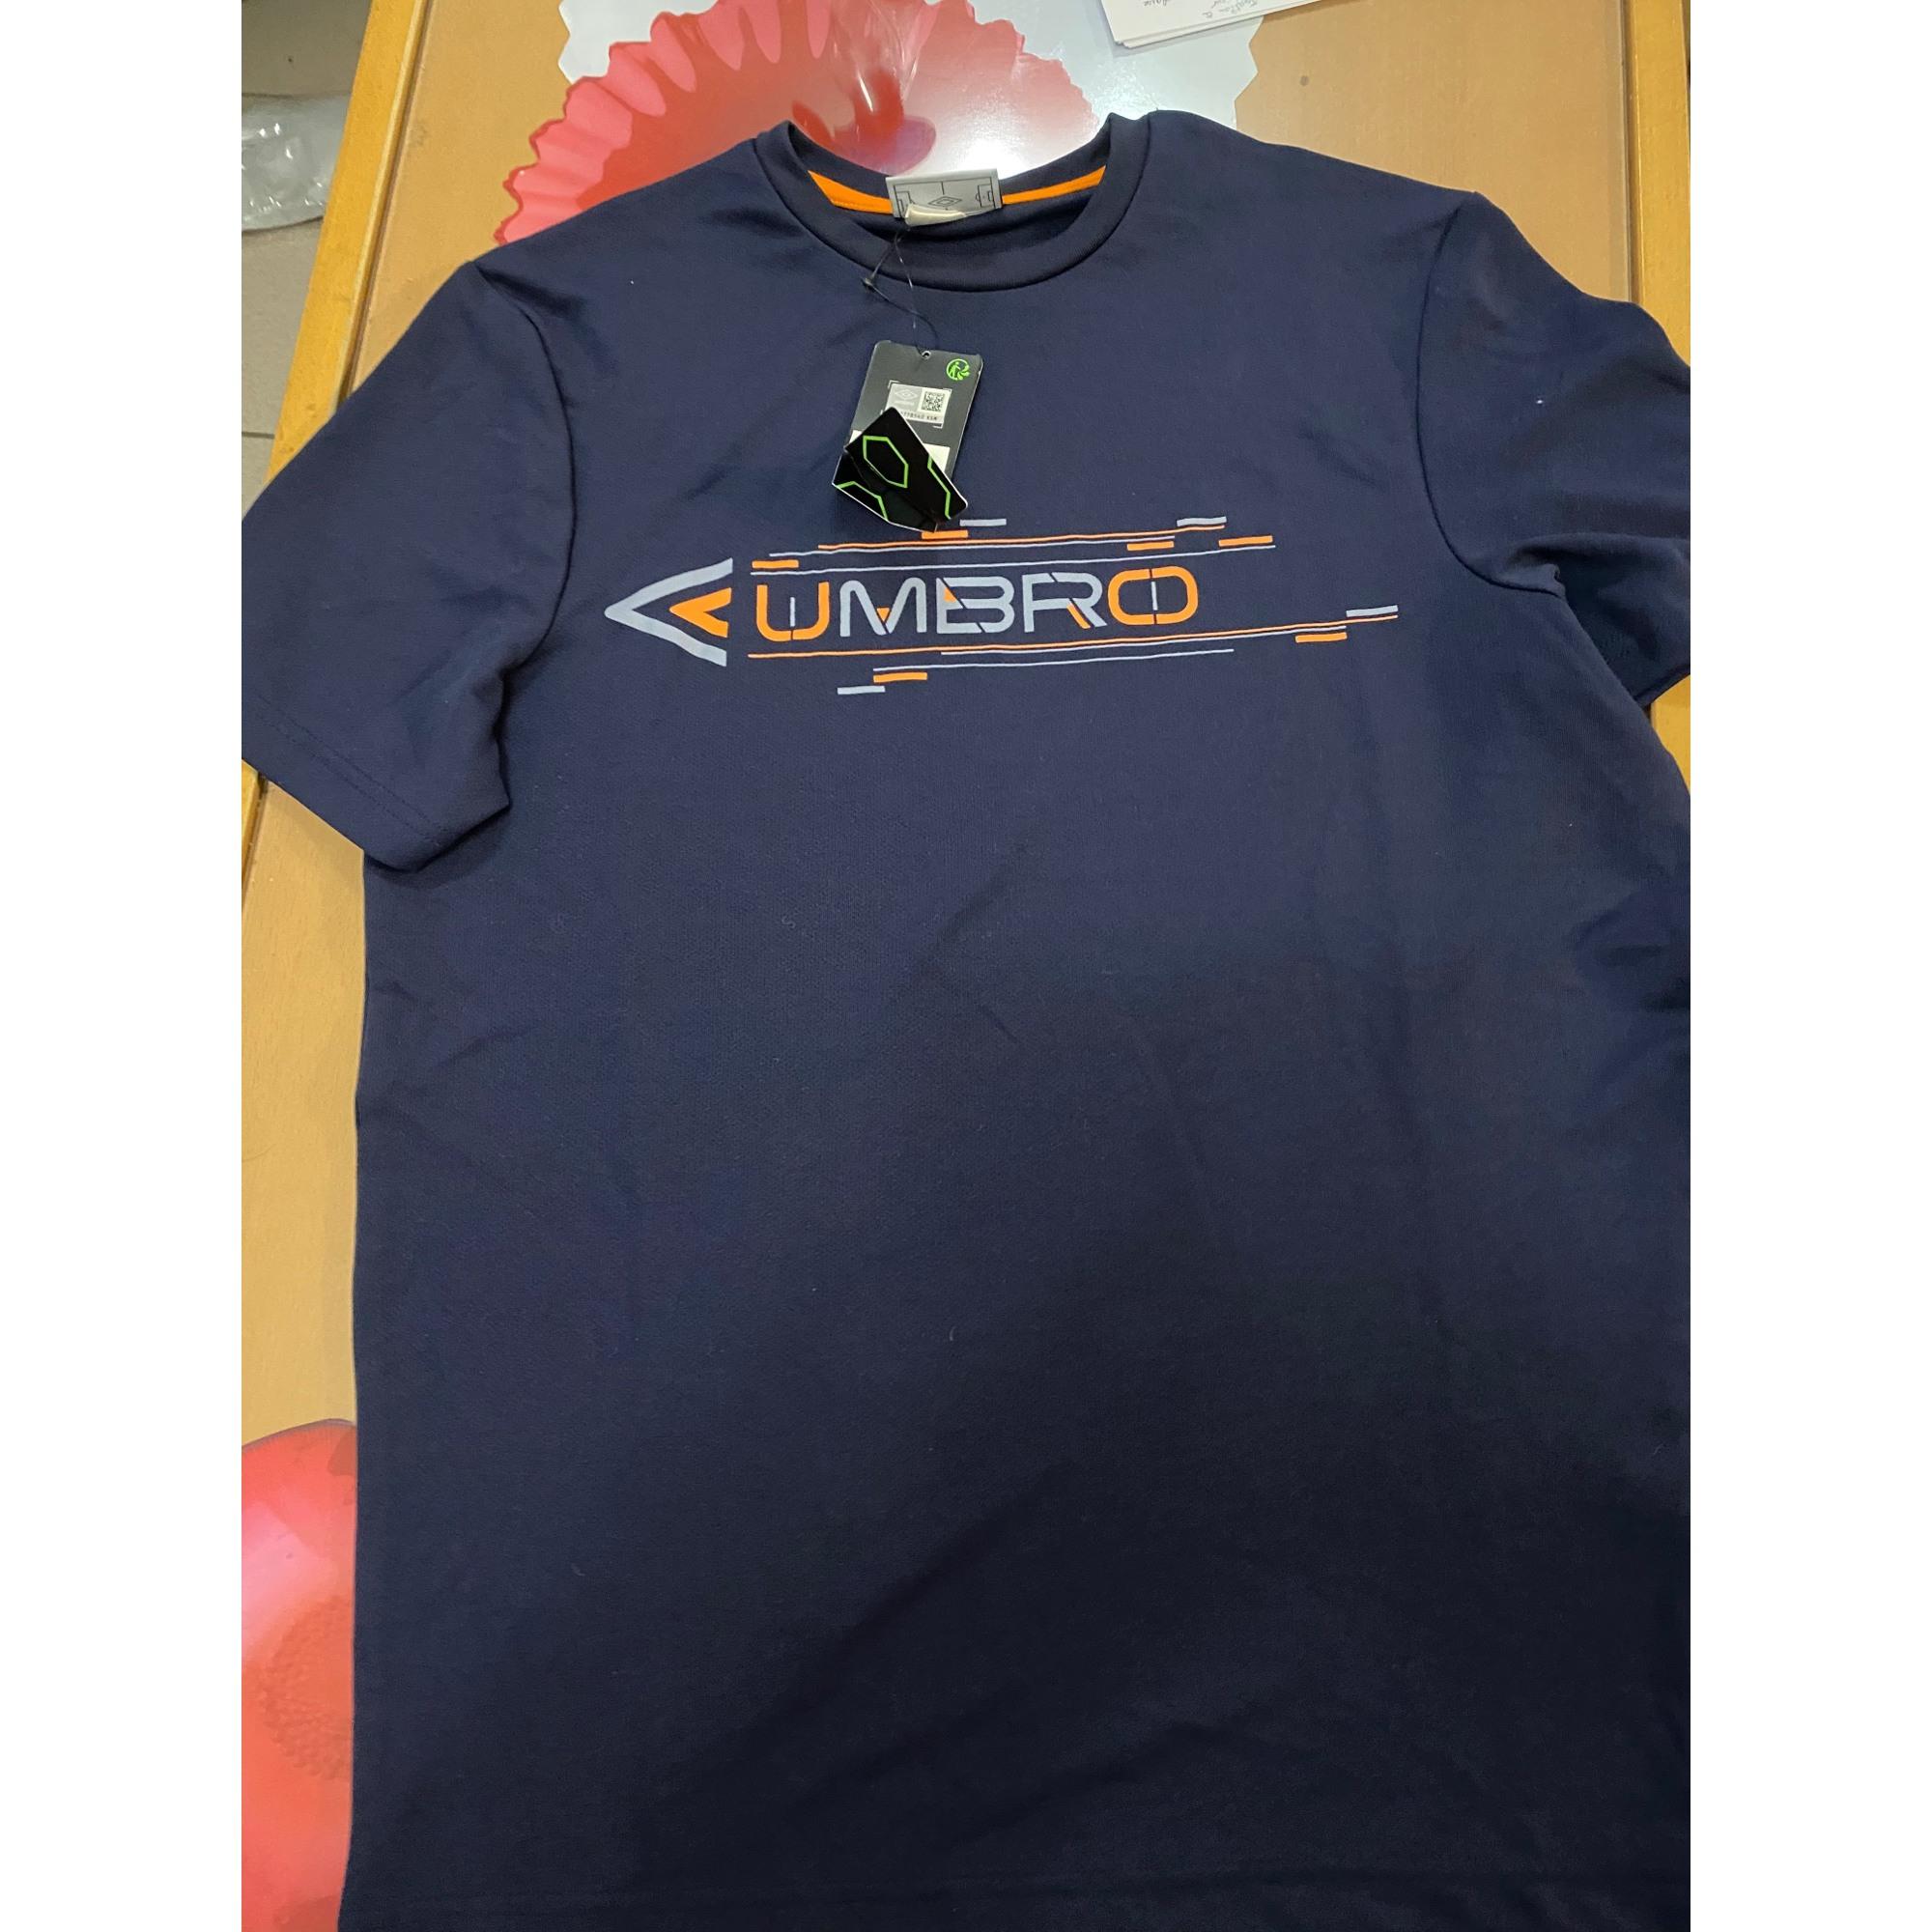 T-shirt UMBRO Blue, navy, turquoise